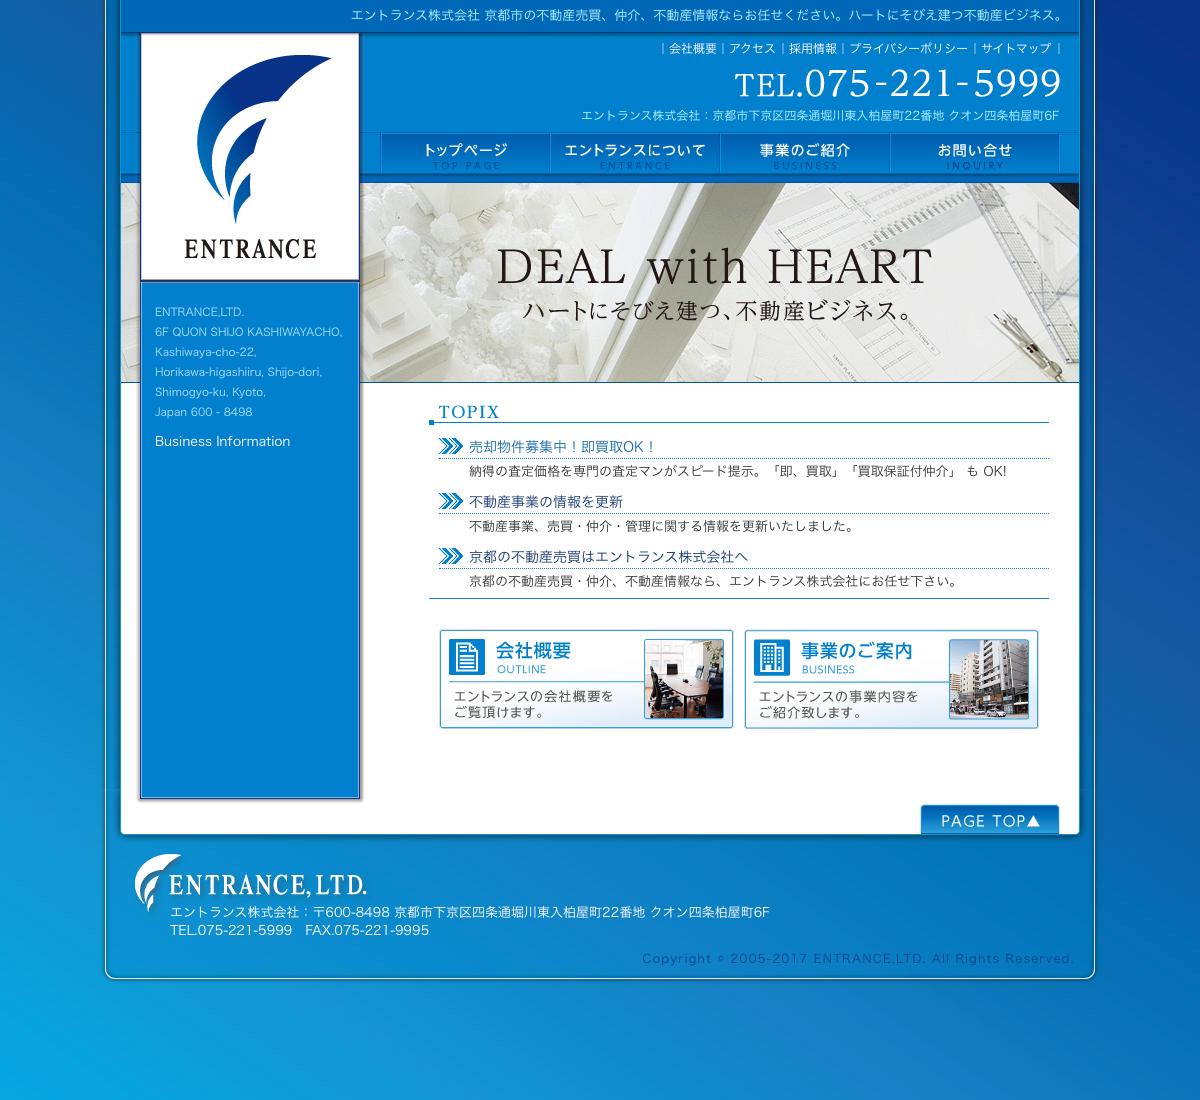 エントランス株式会社 ウェブサイト